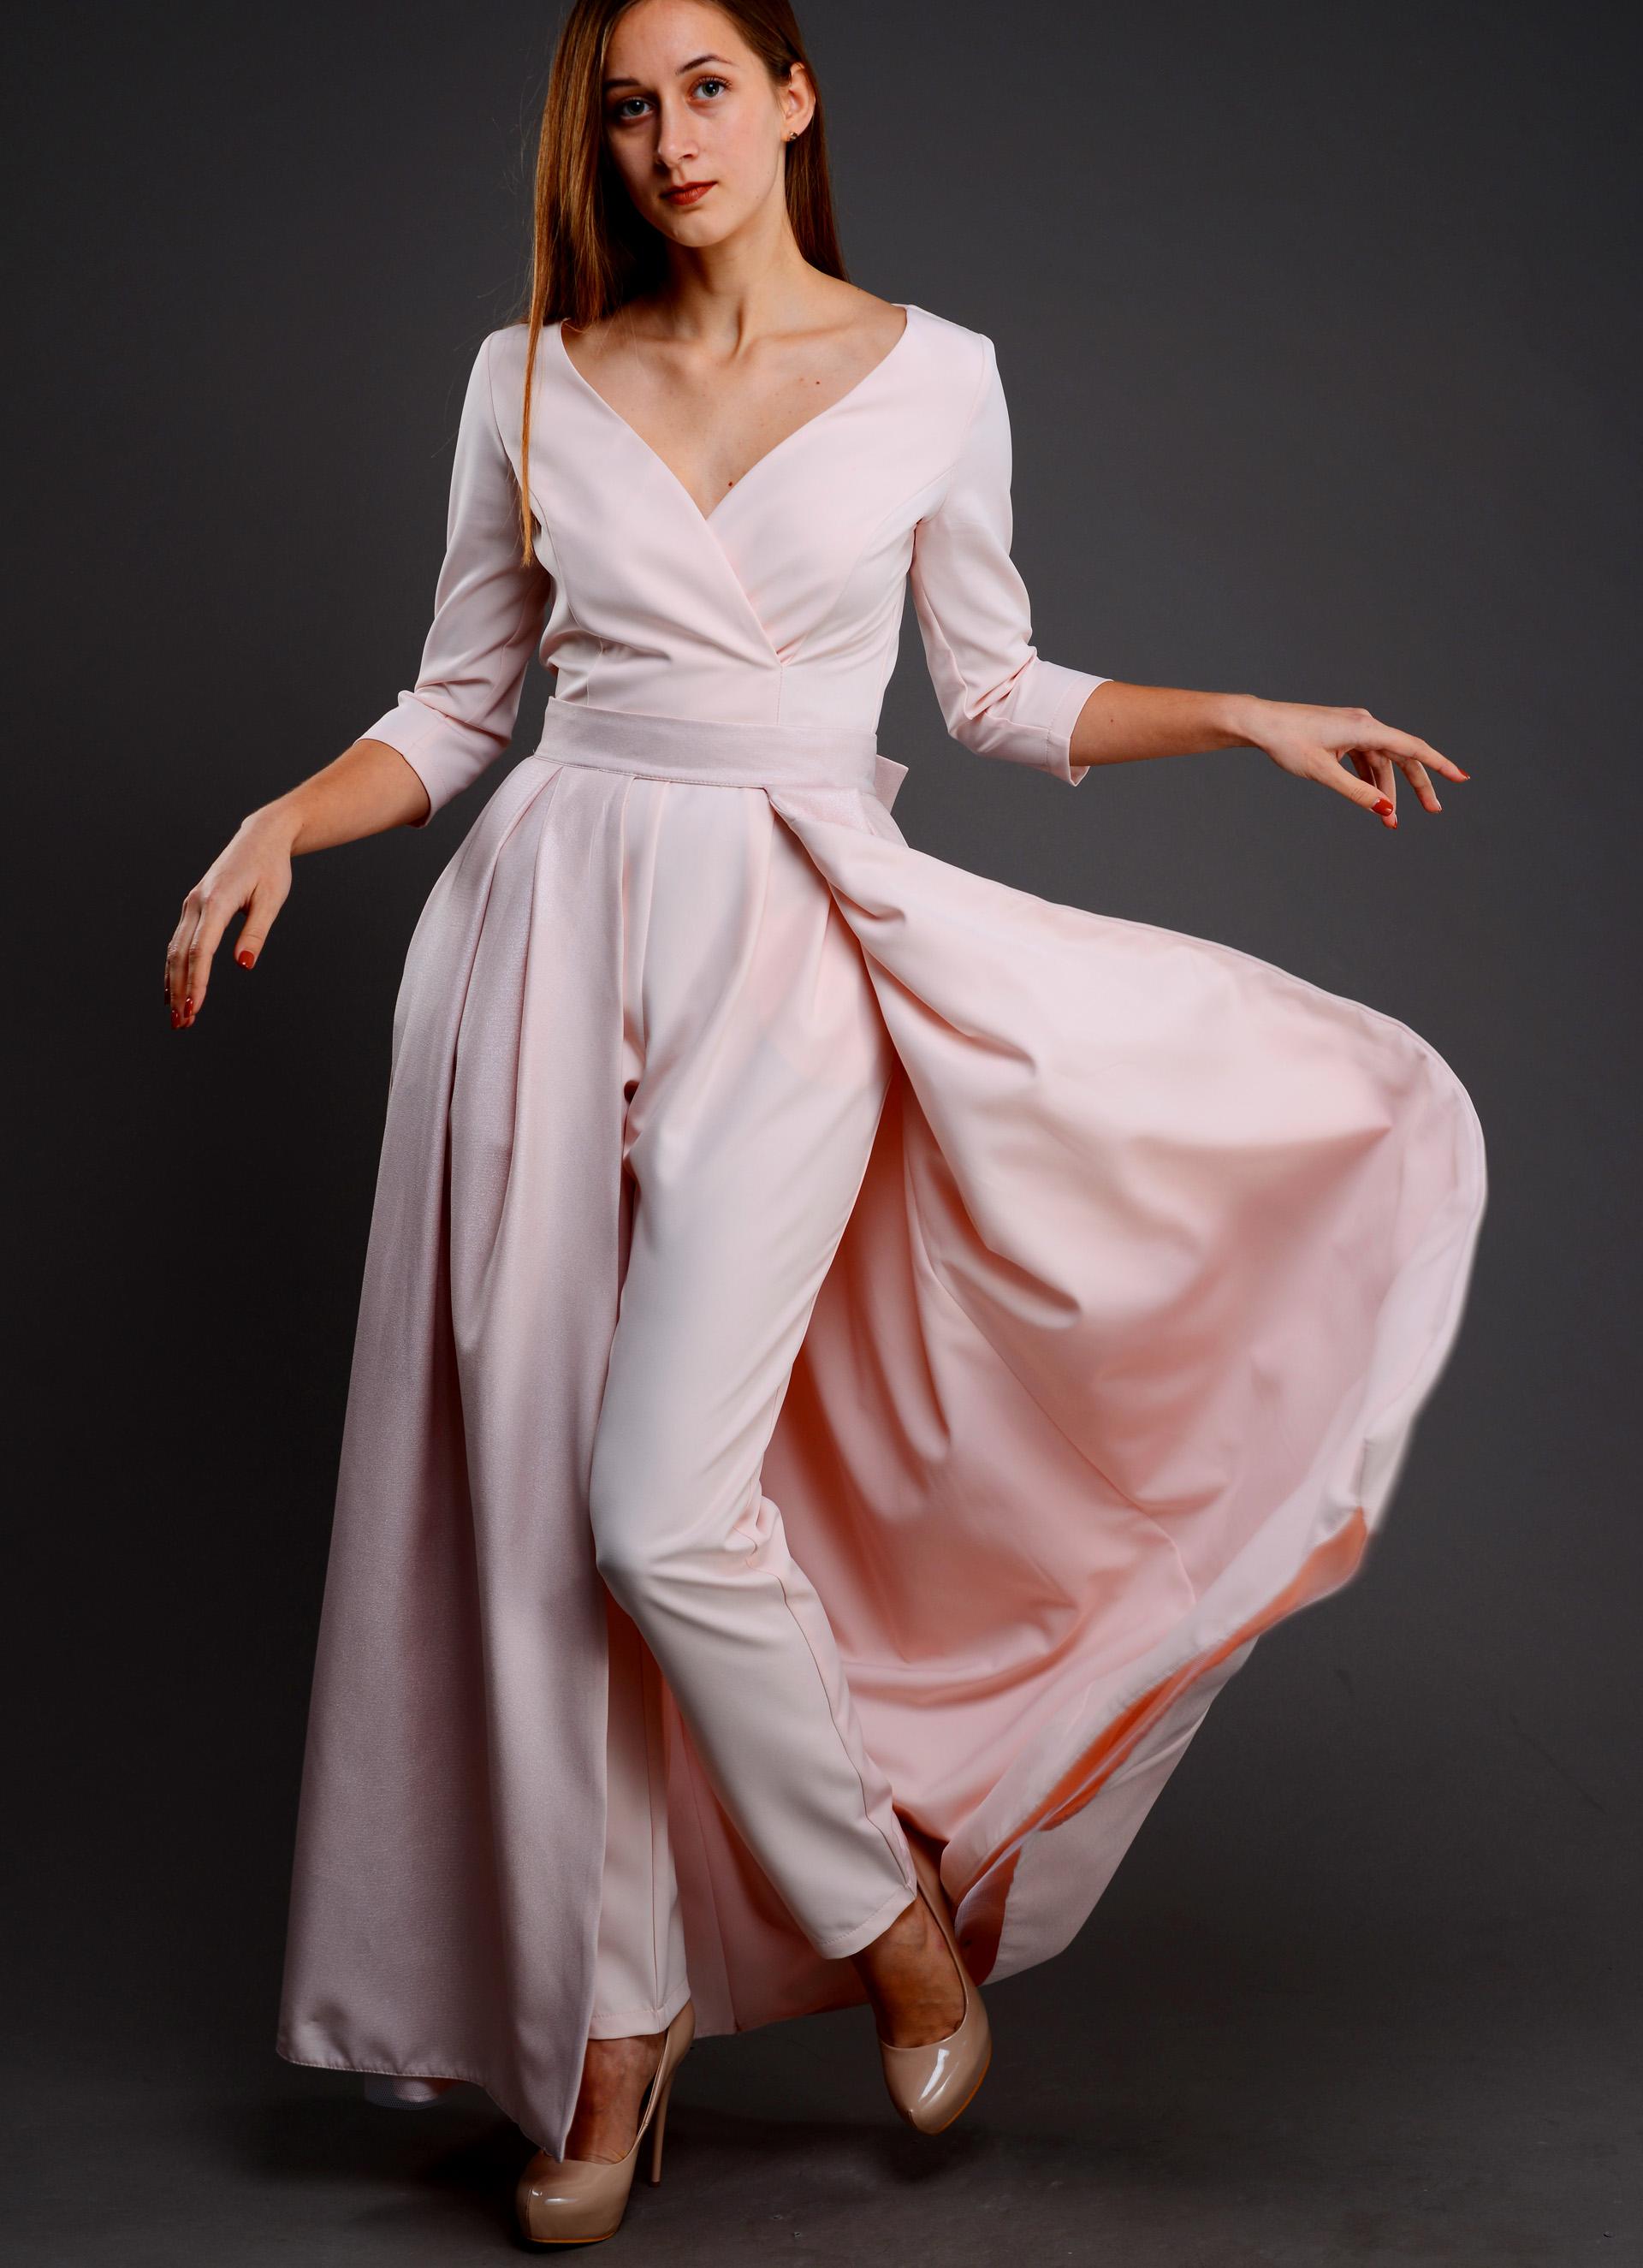 bbf048e4fca379 ТМ Модниця - український виробник жіночого одягу